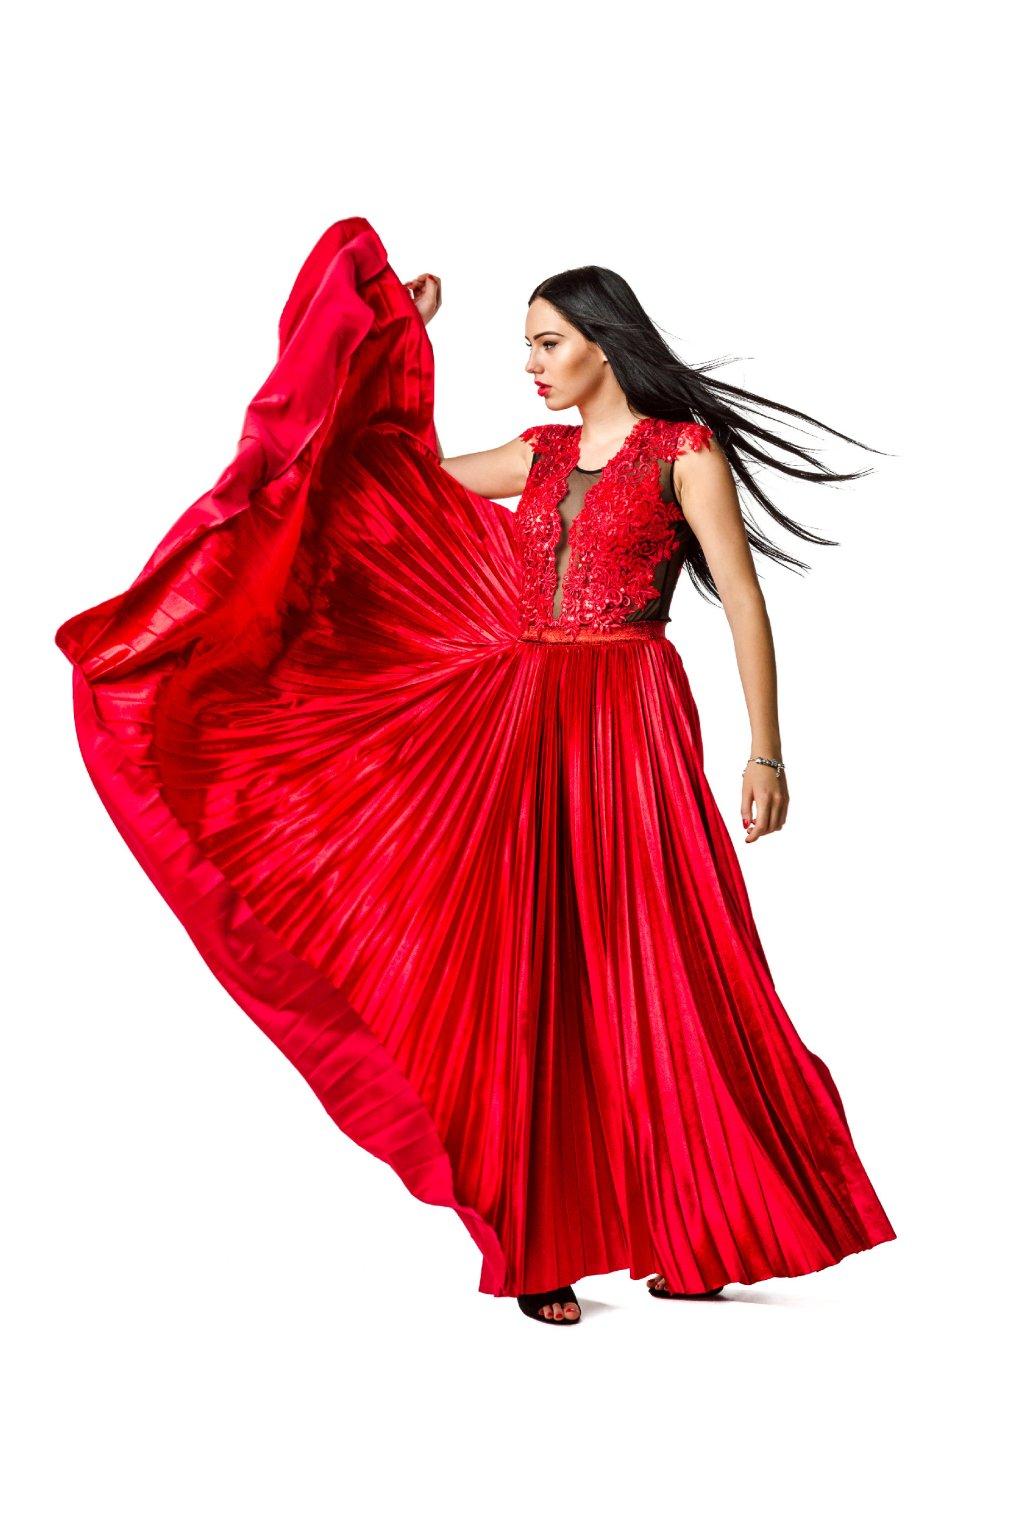 ručne plisovaná sukňa, plisovaná sukňa, šaty na ples, pleasové šaty, šaty na stužkovú, šaty pre družičku, plisovaná sukňa pre družičku, maxi plisovaná sukňa, maxi sukňa, maxi sukňa červená, sexy body, sexi body, bodyčko, jankiv siblings, plisovaná sukňa na ples